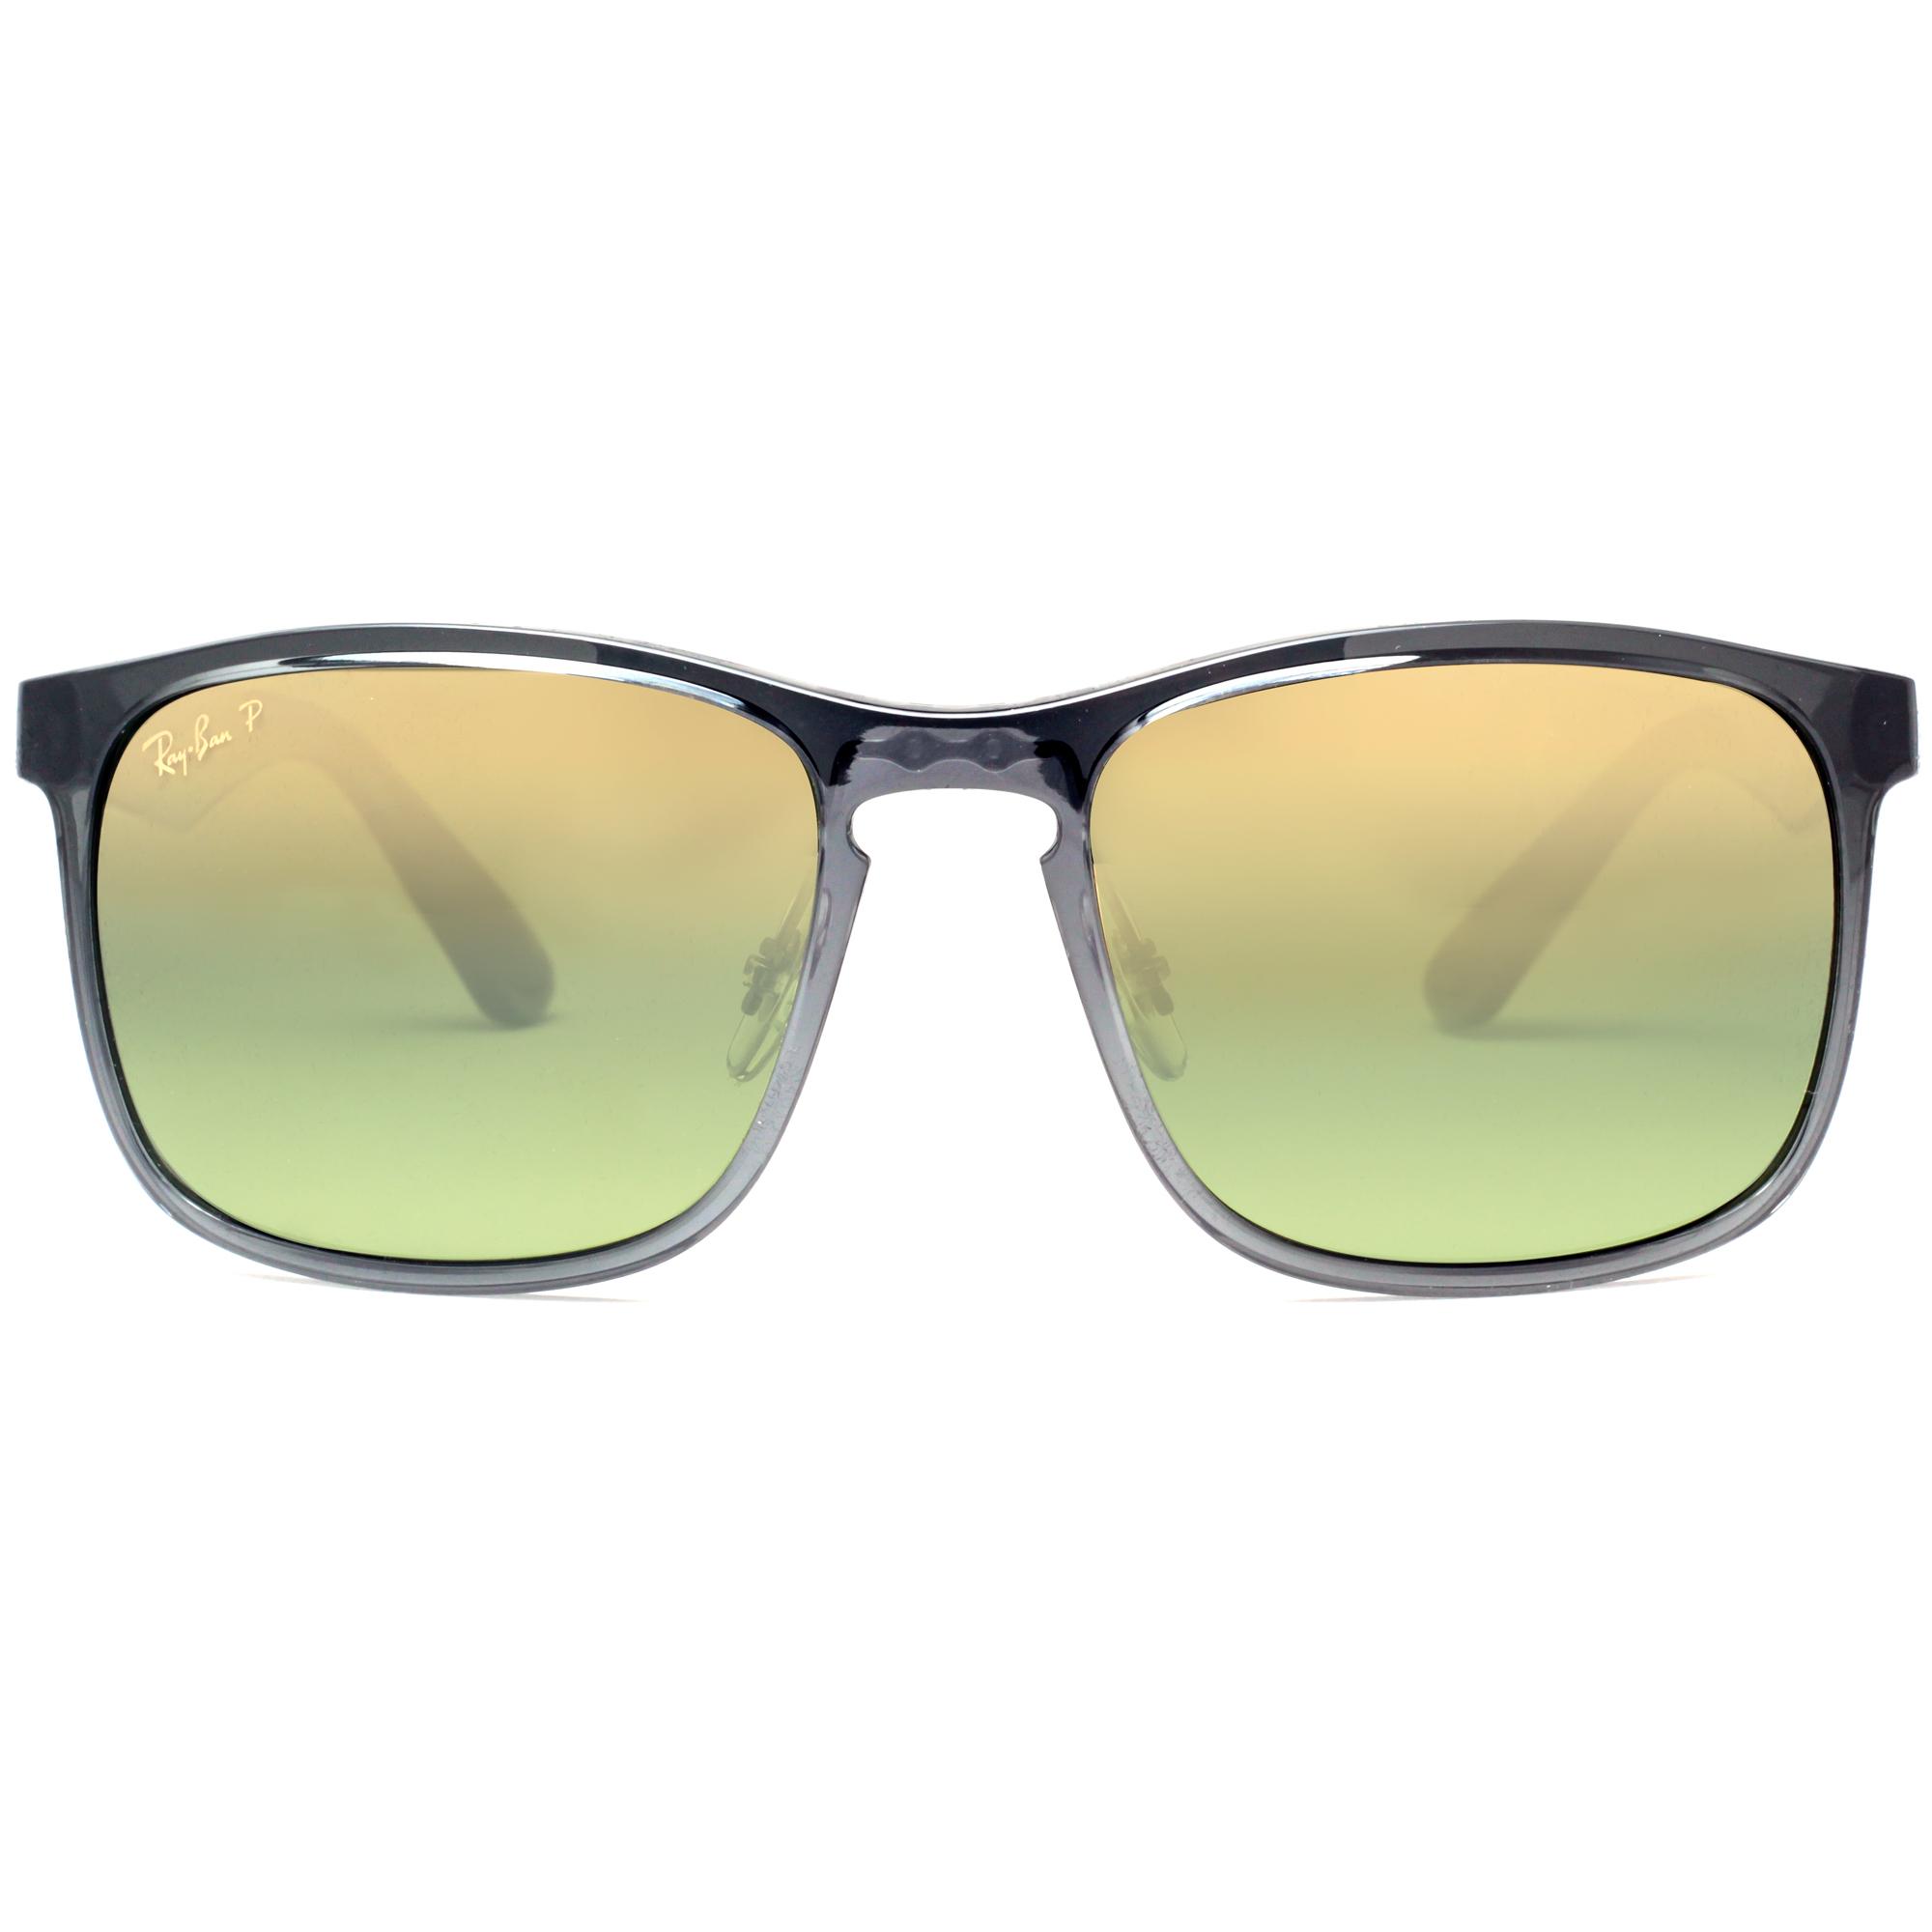 a7aec81bbf3 Ray Ban Square Sunglasses Ebay